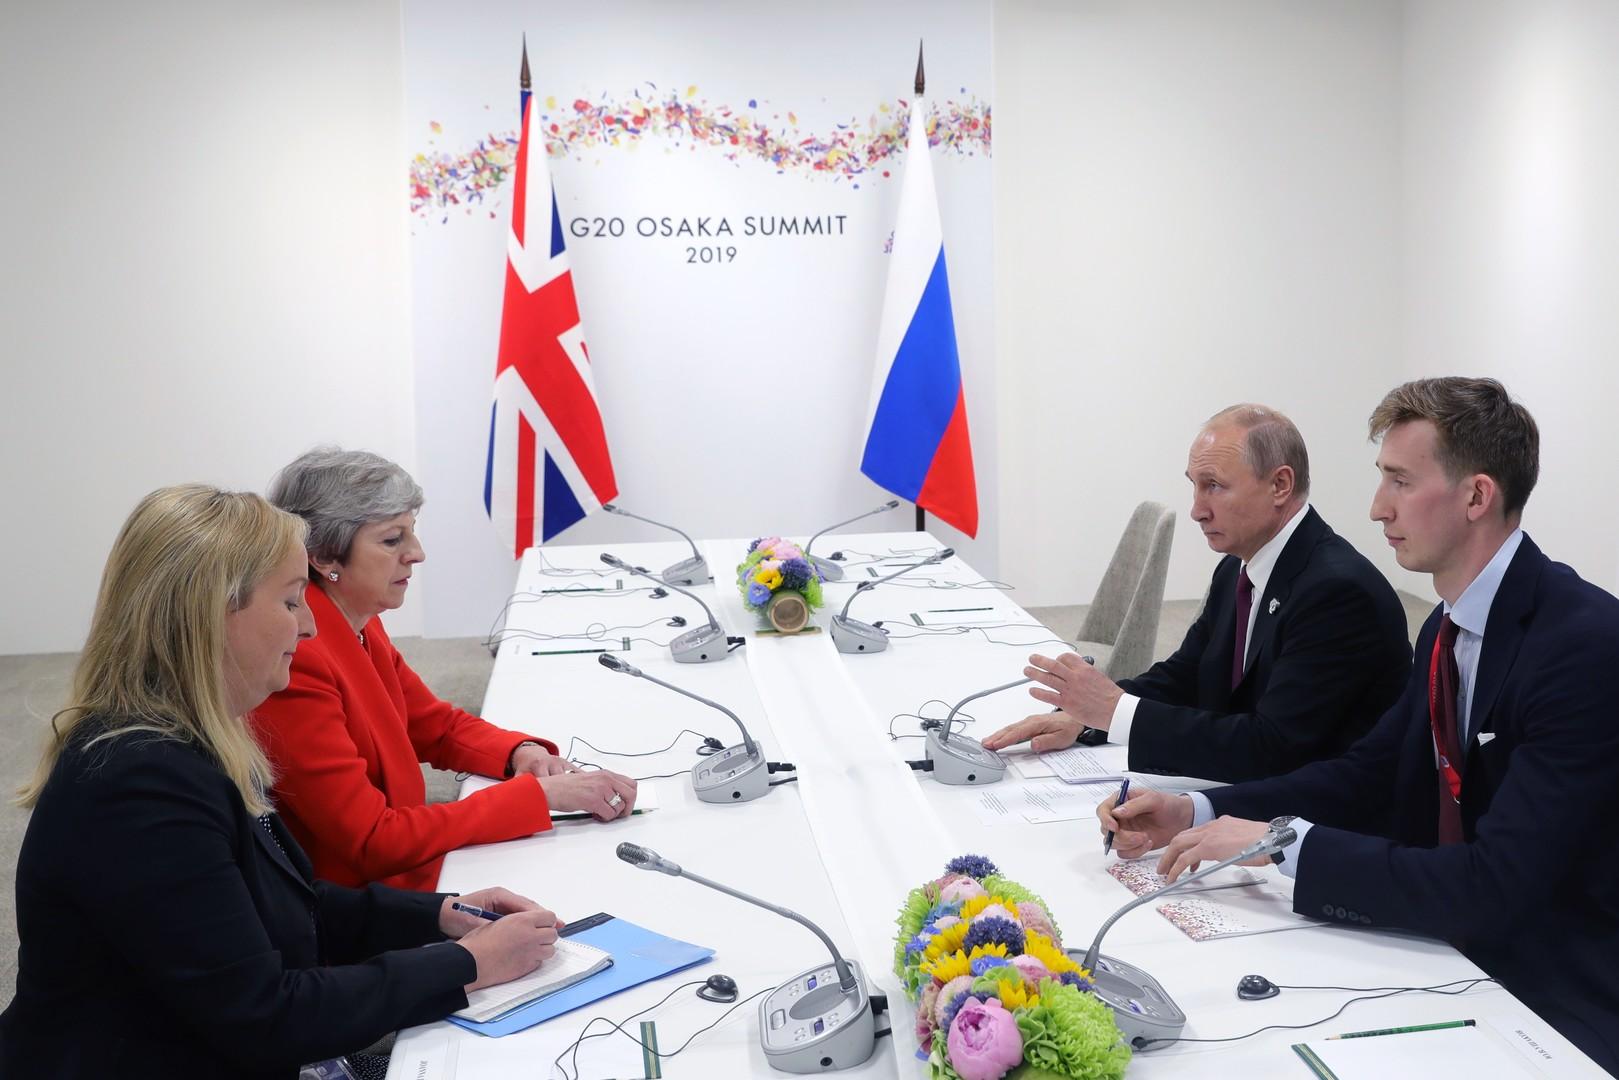 لقاء الرئيس الروسي فلاديمير بوتين ورئيسة الوزراء البريطانية تيريزا ماي في أوساكا اليابانية، 28 يونيو 2016